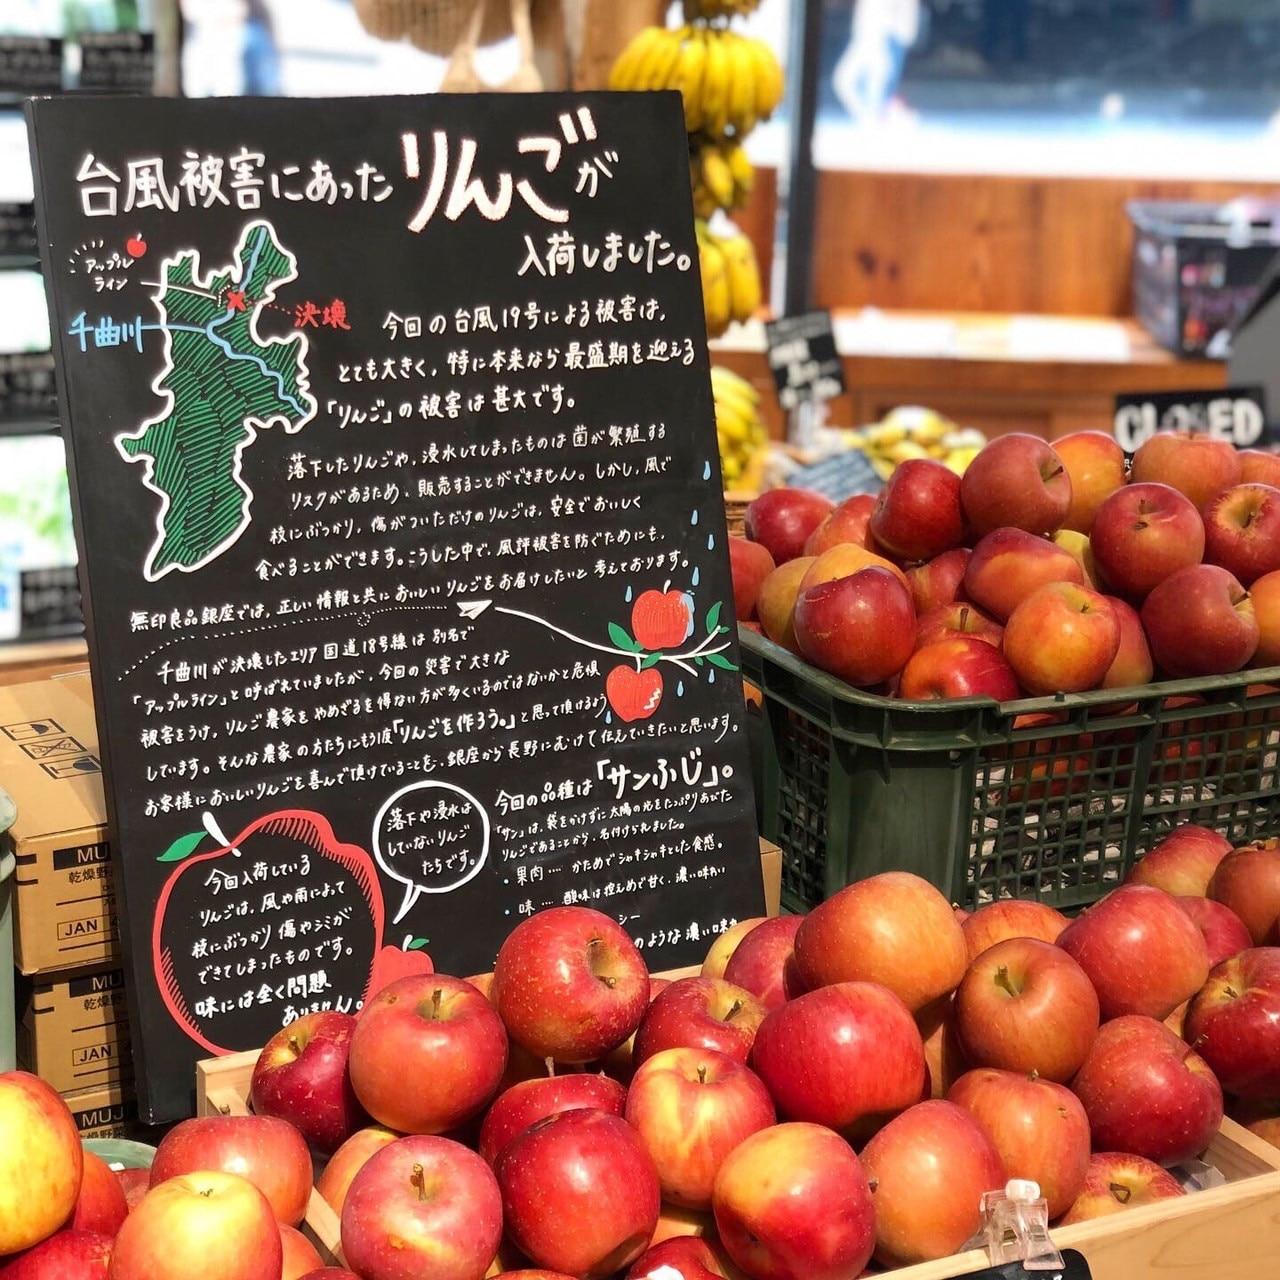 キービジュアル画像:台風で傷はついたけど味はおいしい 長野県産りんご -1F食品売場-